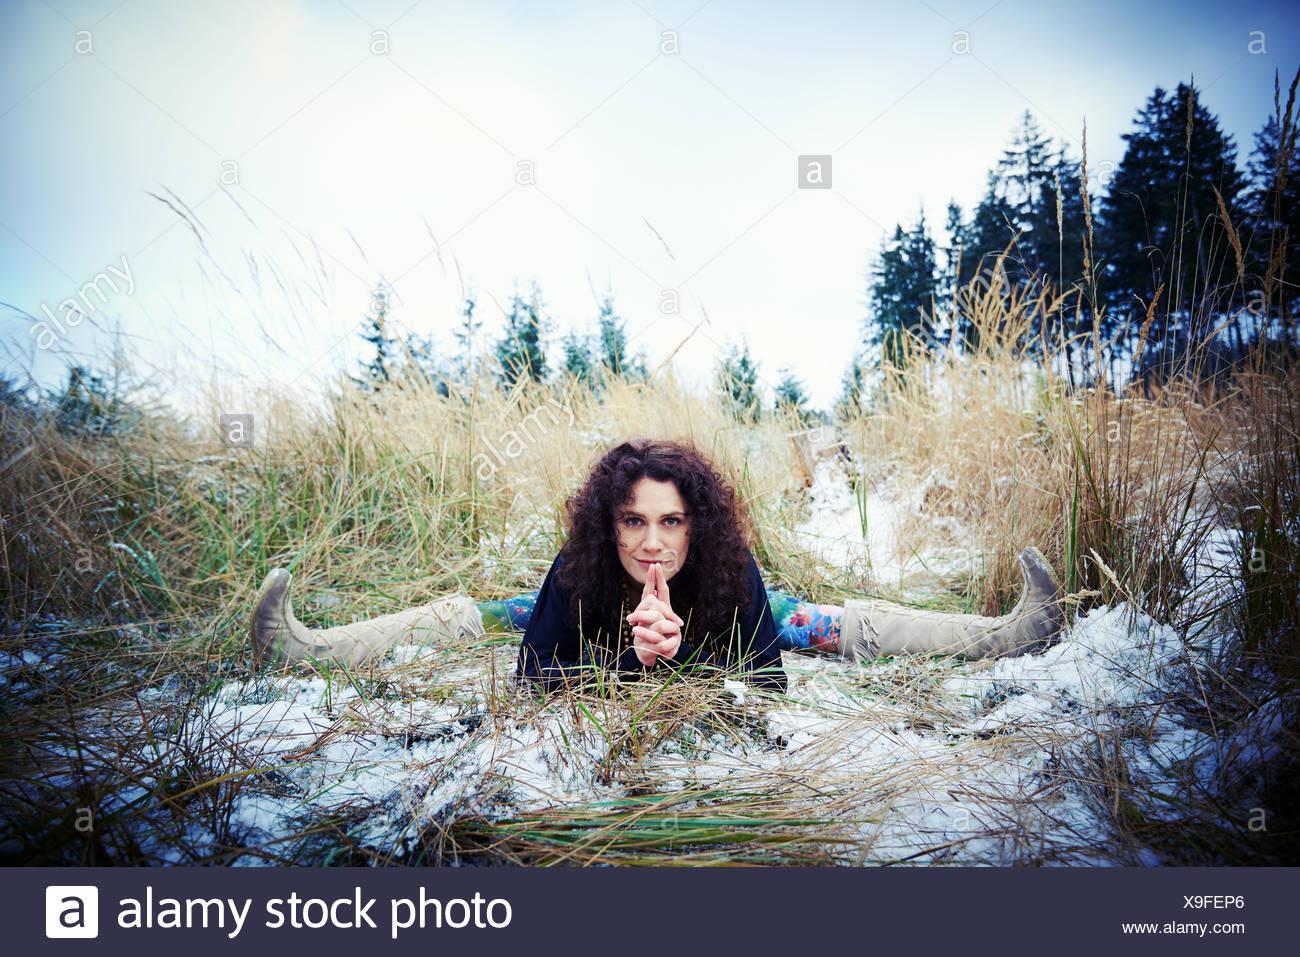 Mitad mujer adulta practicando la divide en bosque Imagen De Stock